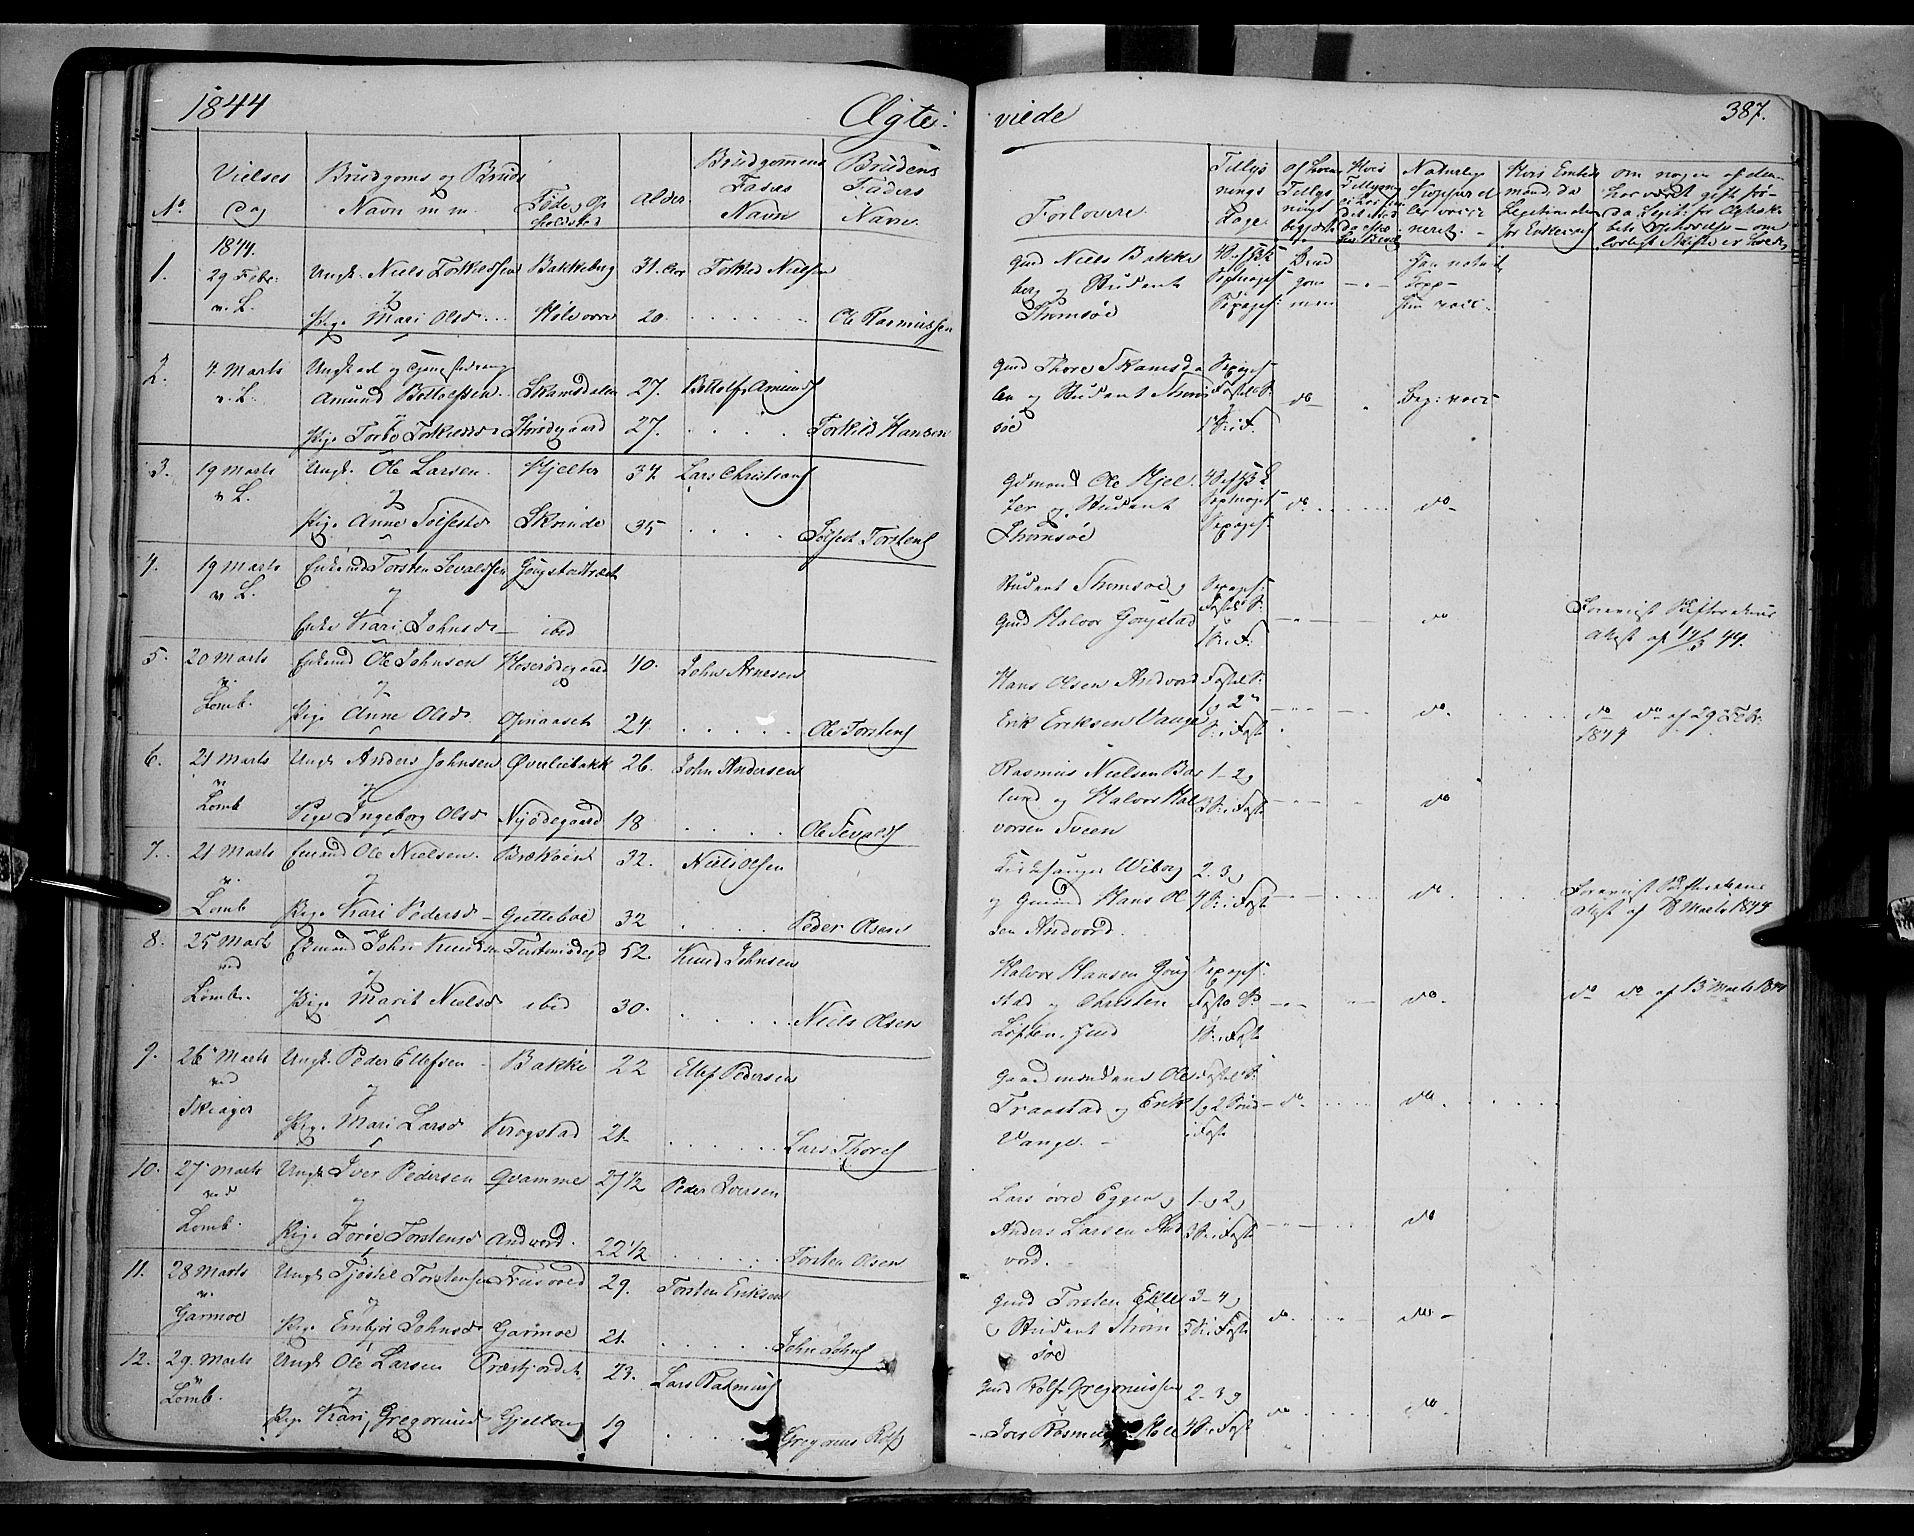 SAH, Lom prestekontor, K/L0006: Ministerialbok nr. 6B, 1837-1863, s. 387